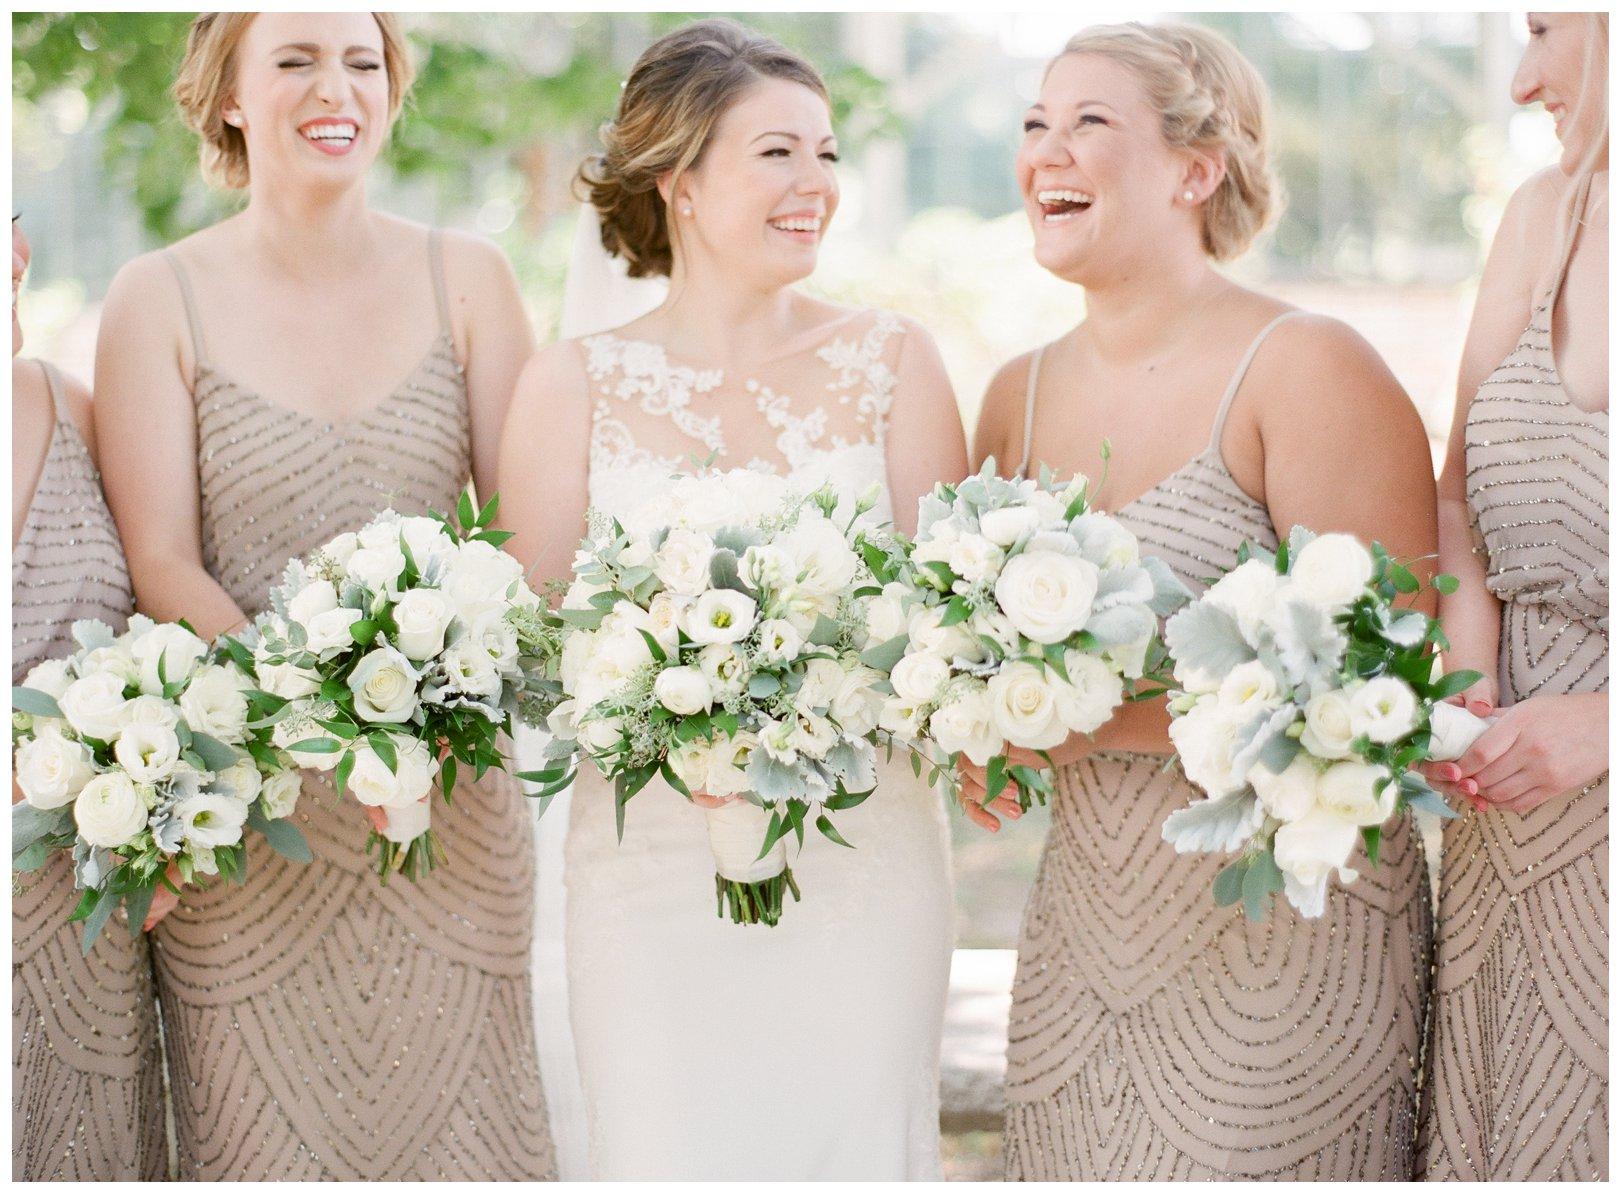 lauren muckler photography_fine art film wedding photography_st louis_photography_1310.jpg